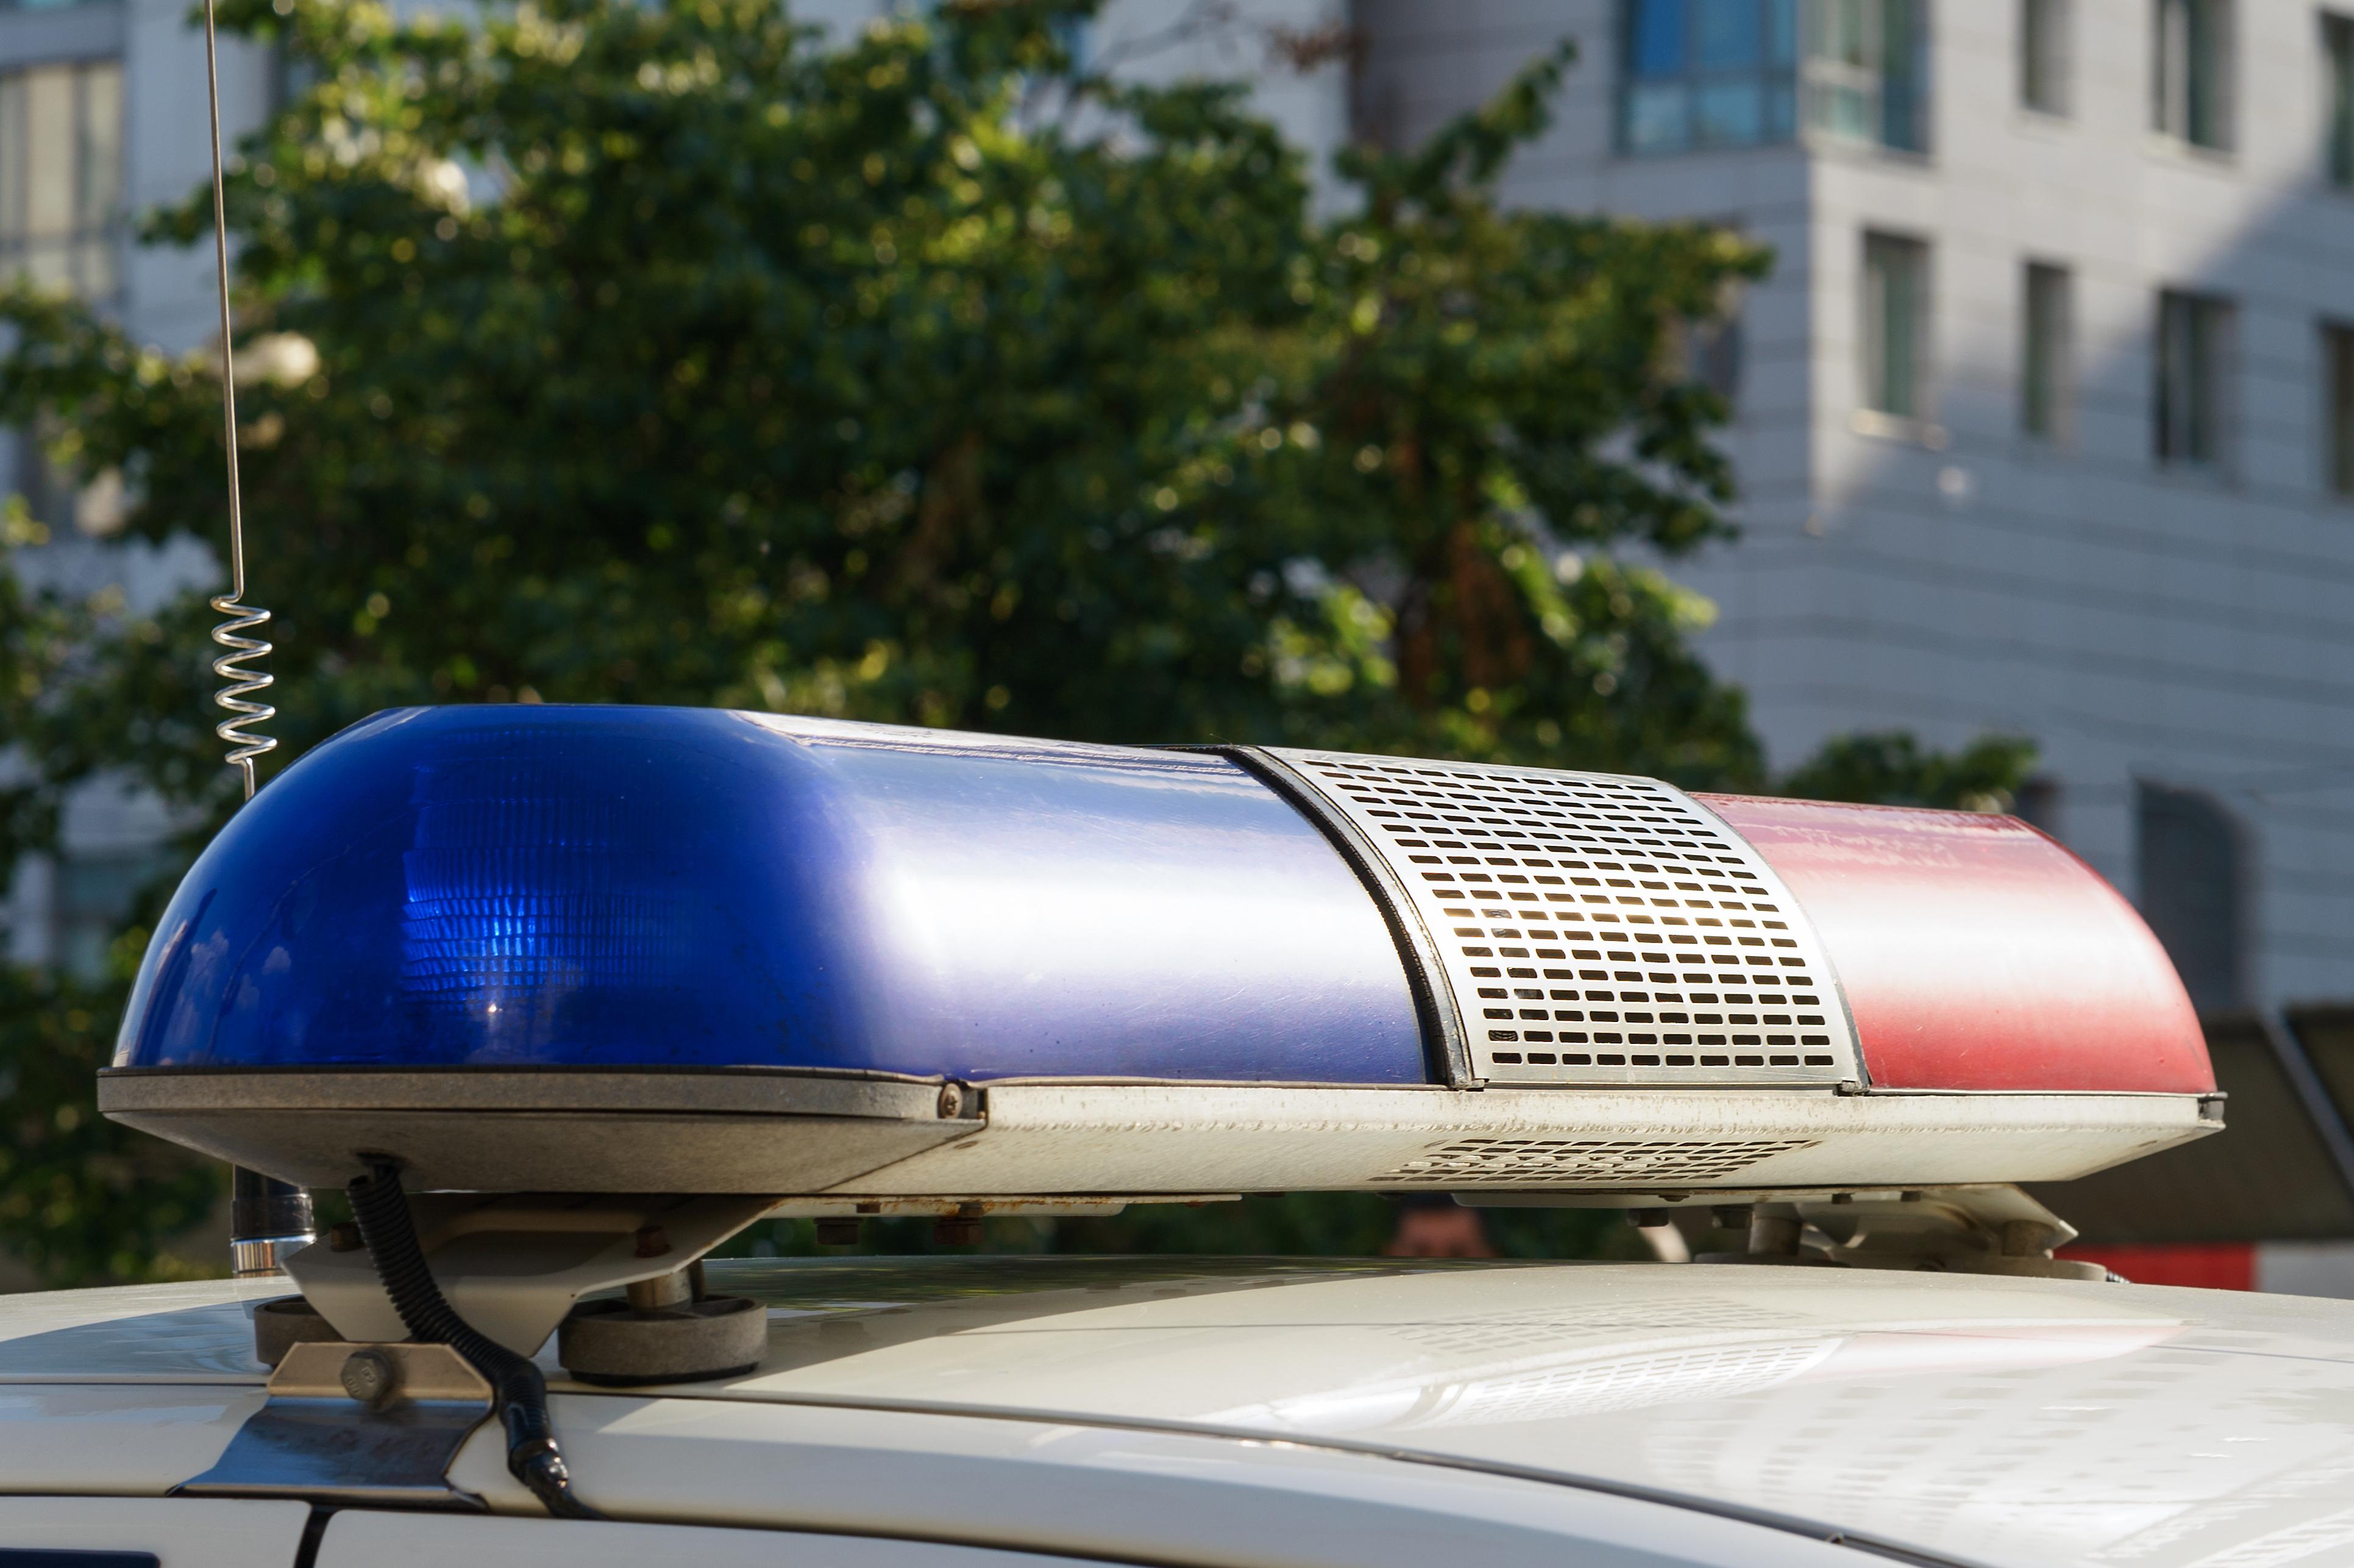 Откриха труповете на мъж и жена в кола в Пампорово